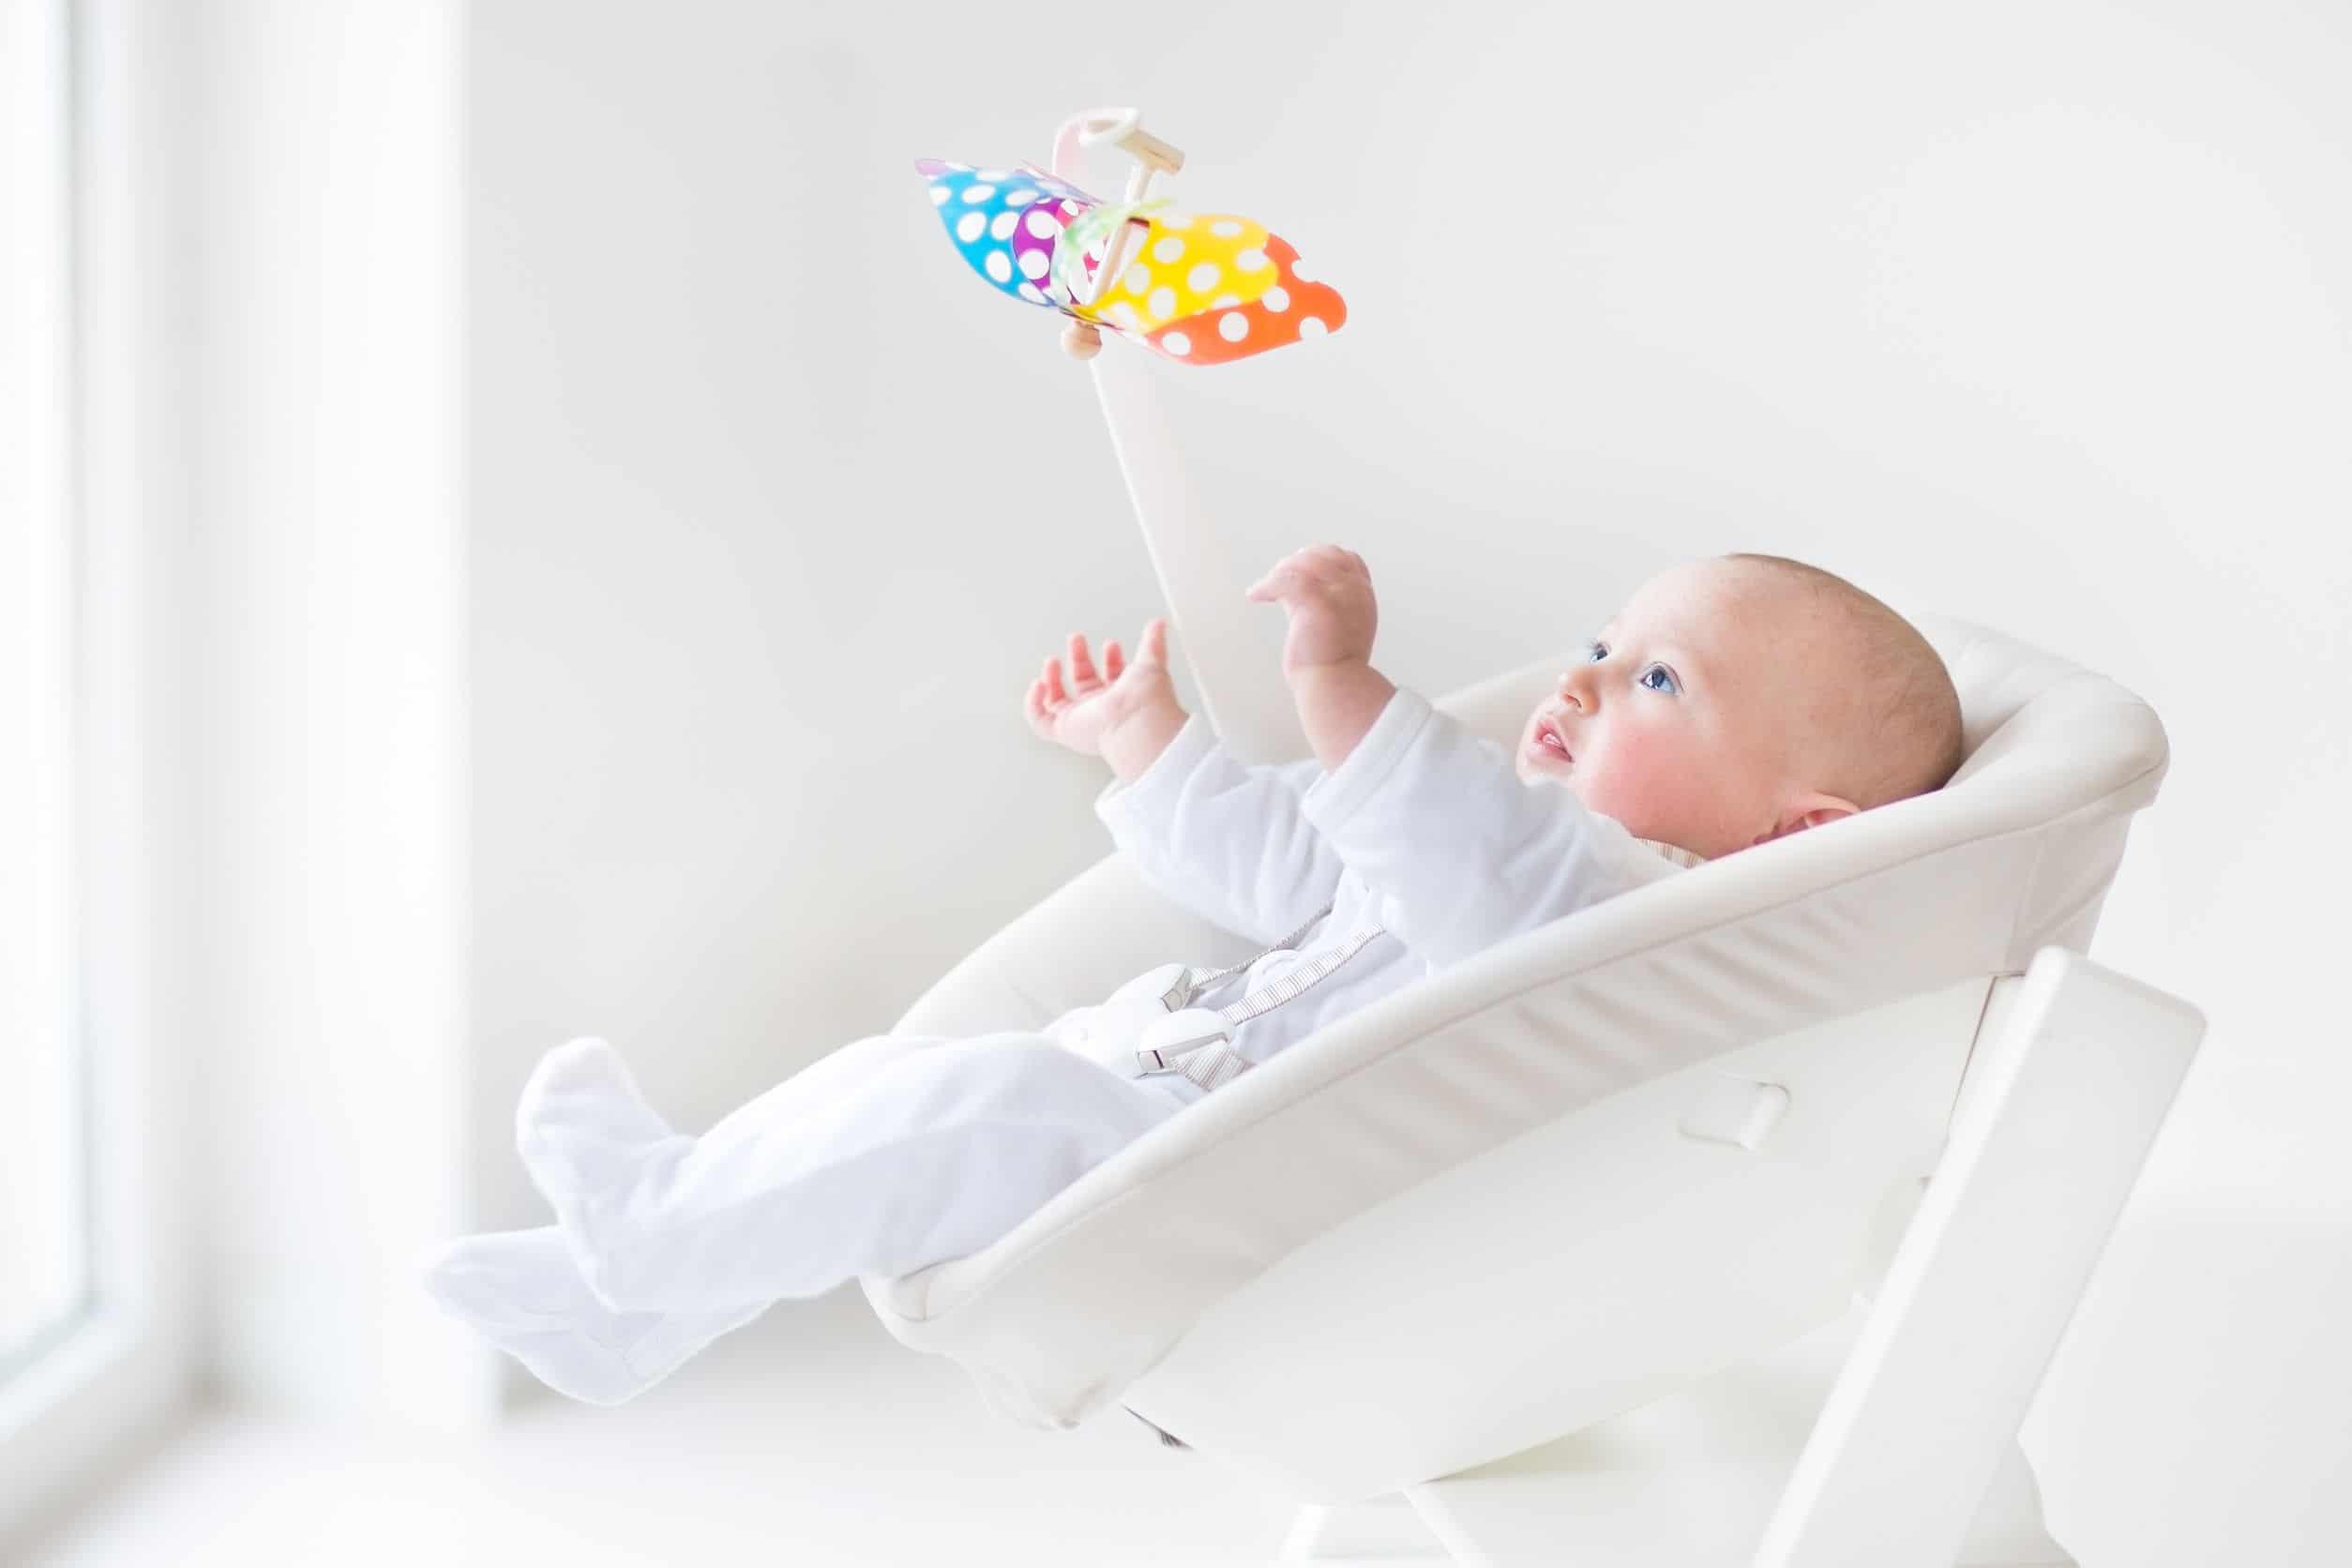 Elektrische babyschakel test die besten babywippen im vergleich